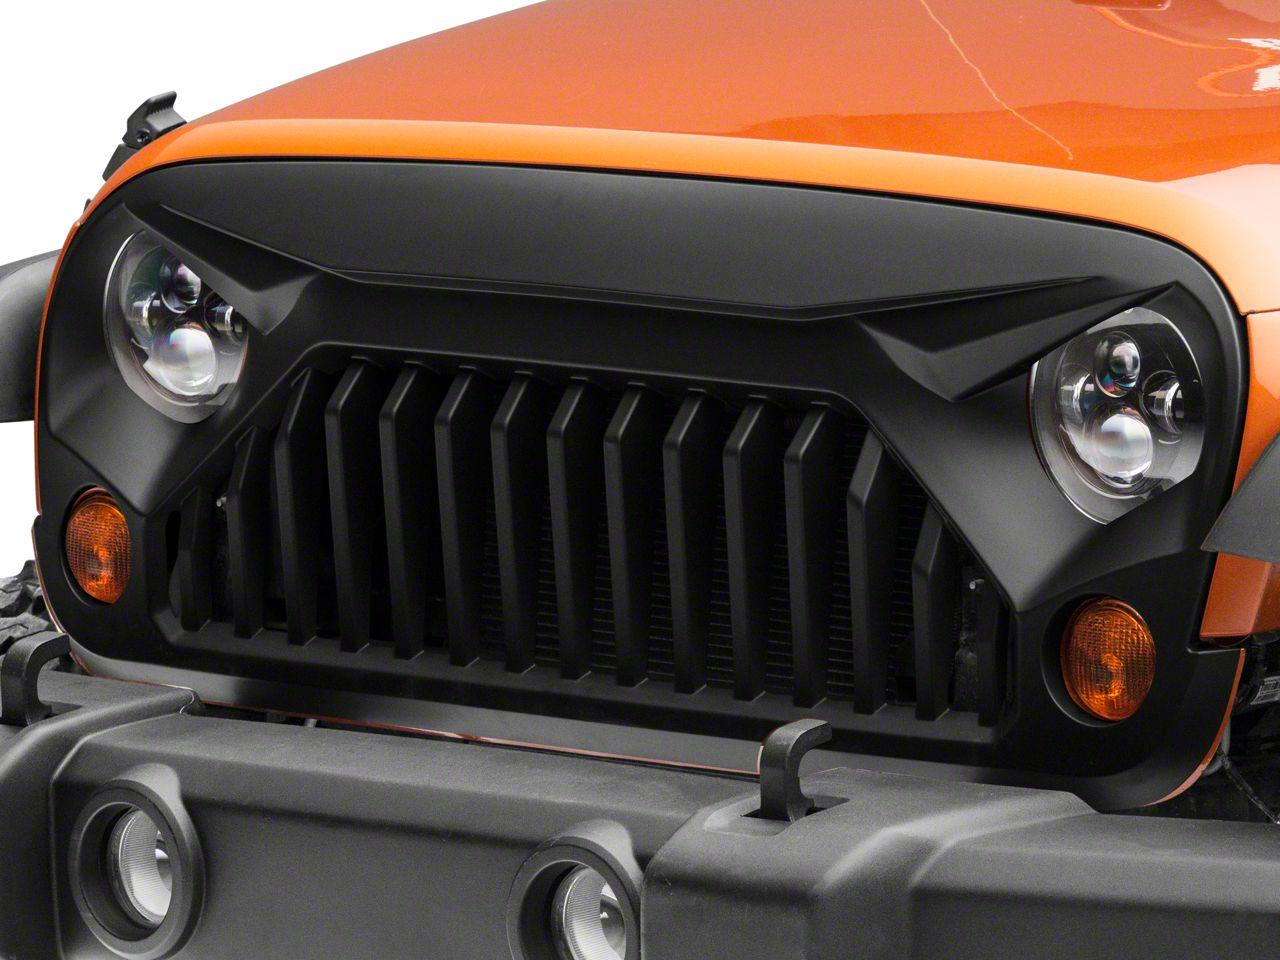 RedRock 4x4 Gladiator Grille - Matte Black (07-18 Jeep Wrangler JK)